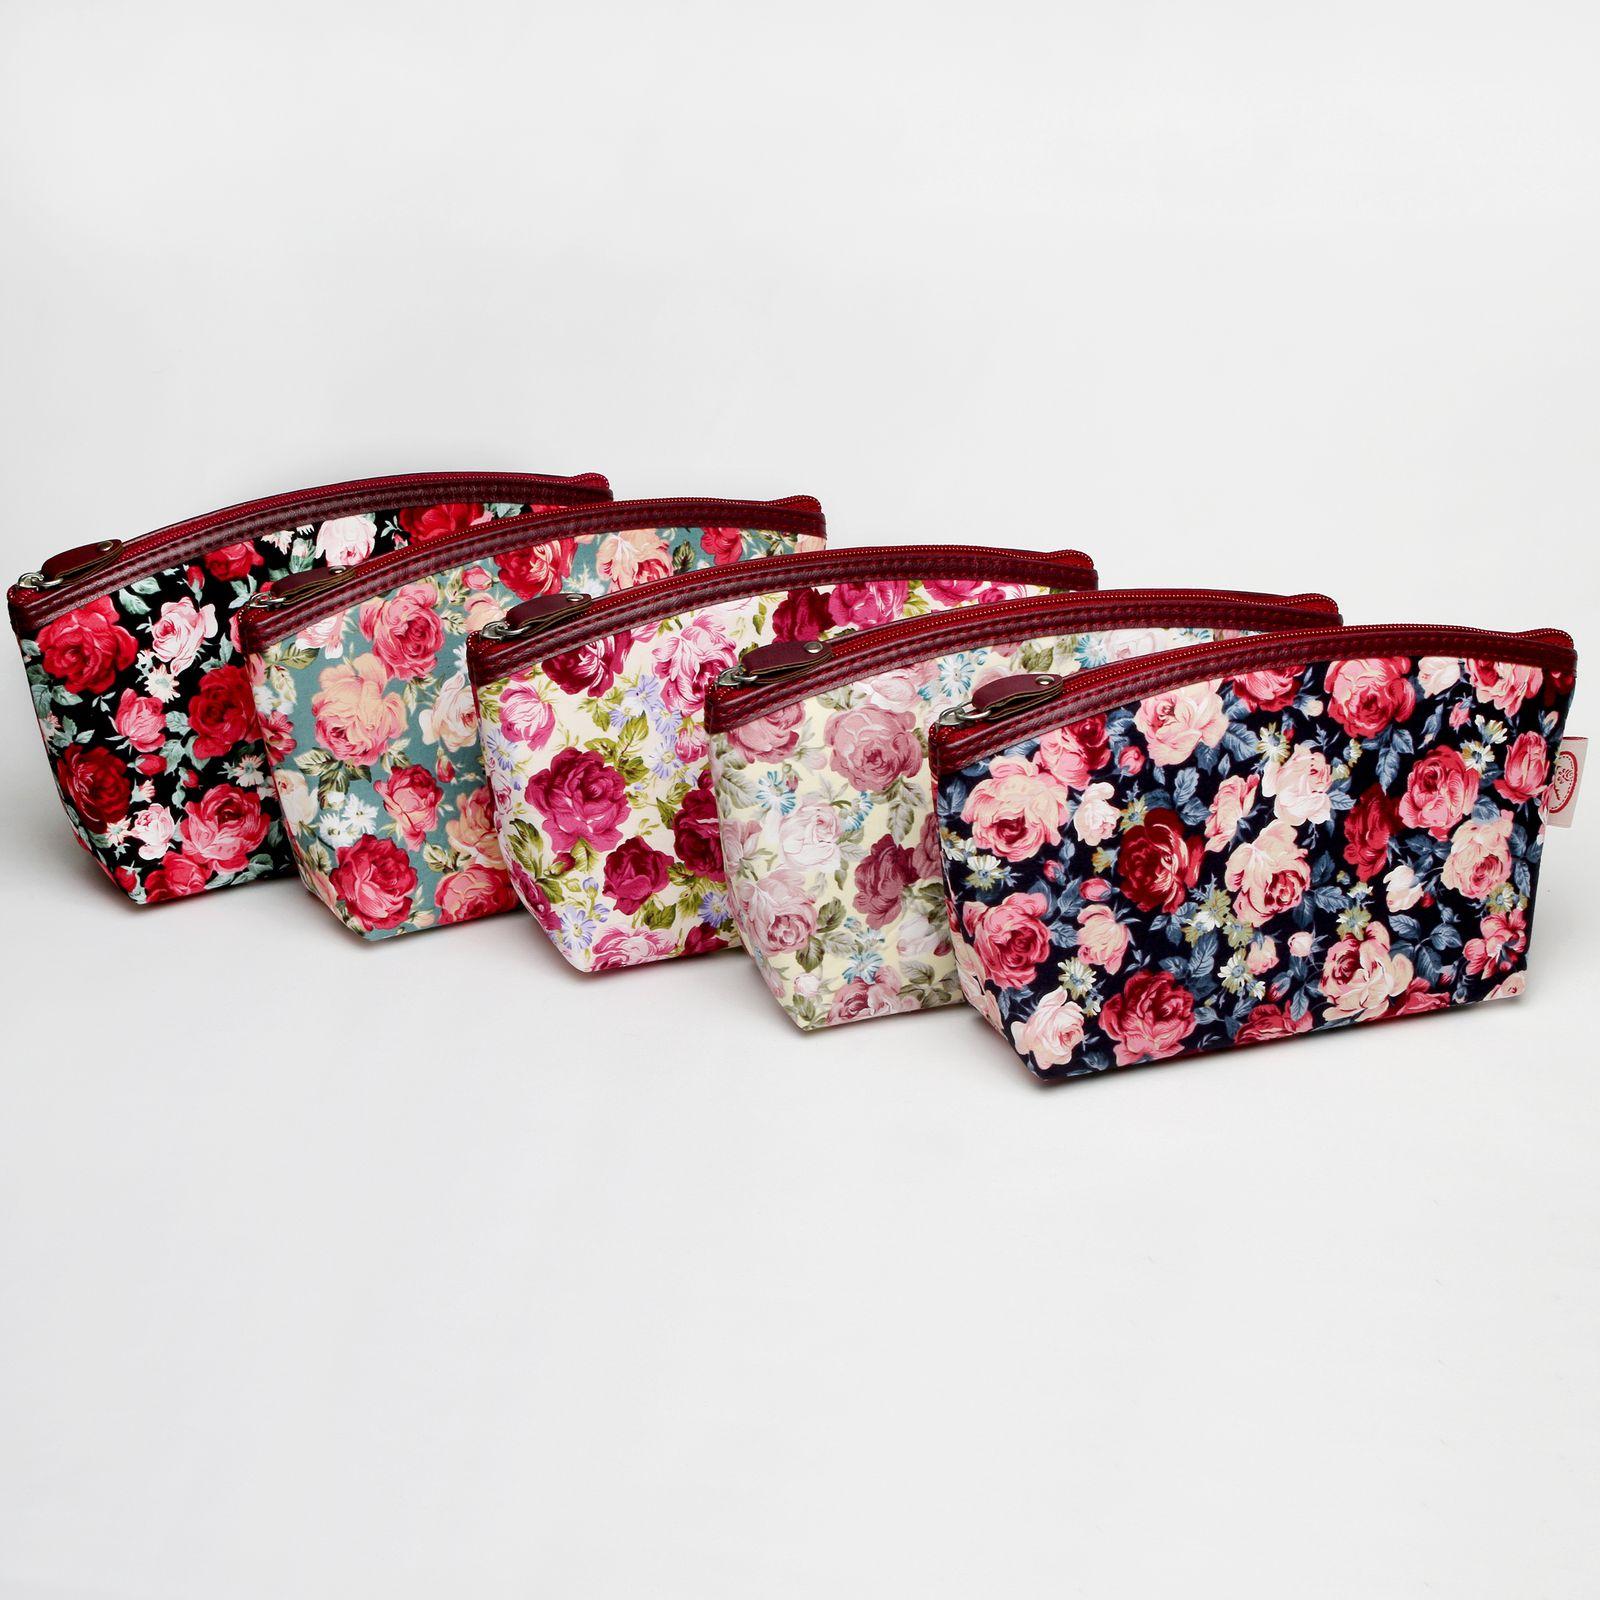 کیف لوازم آرایش زنانه سیب کد 15-Bgf مجموعه 3 عددی -  - 8